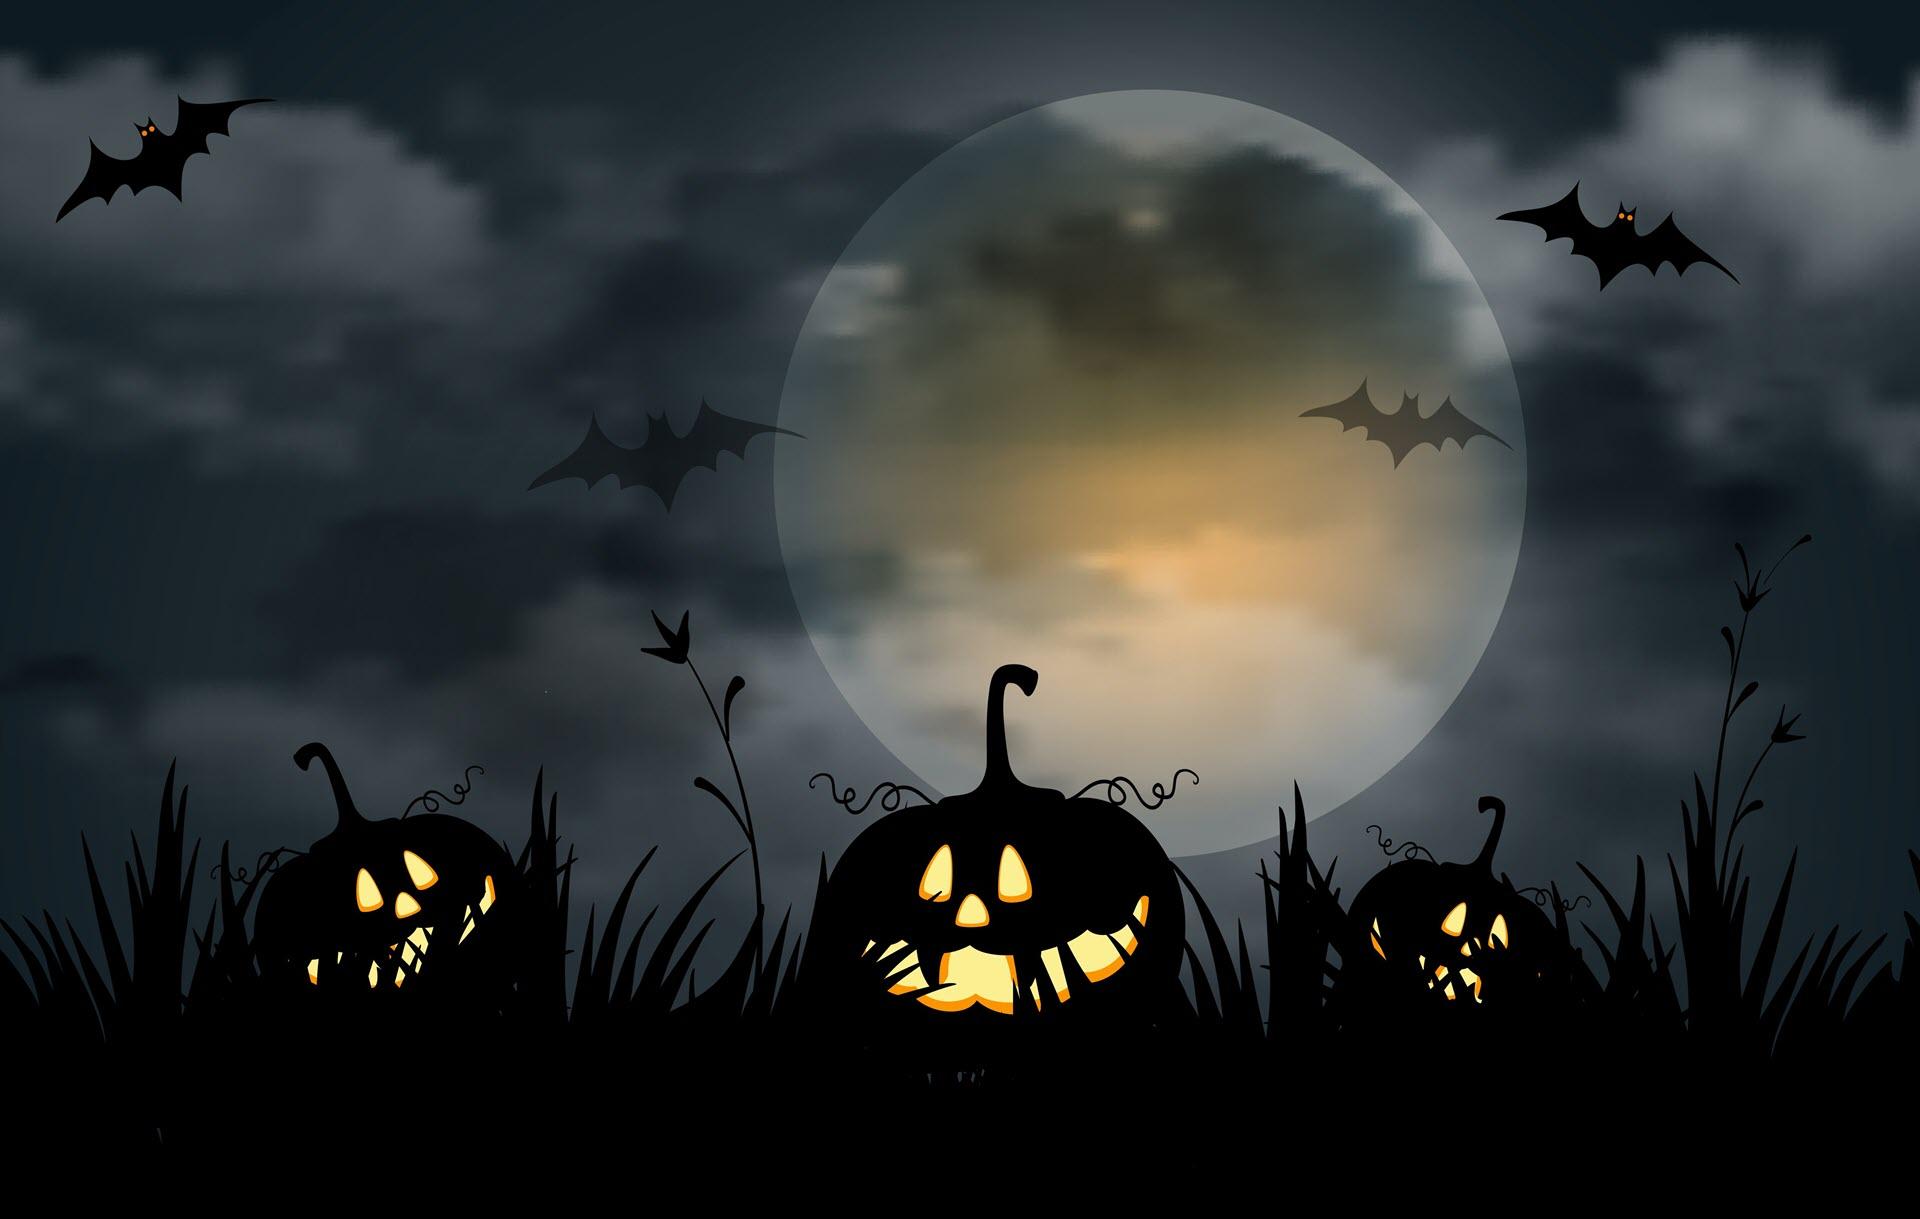 Ảnh nền Halloween đẹp nhất